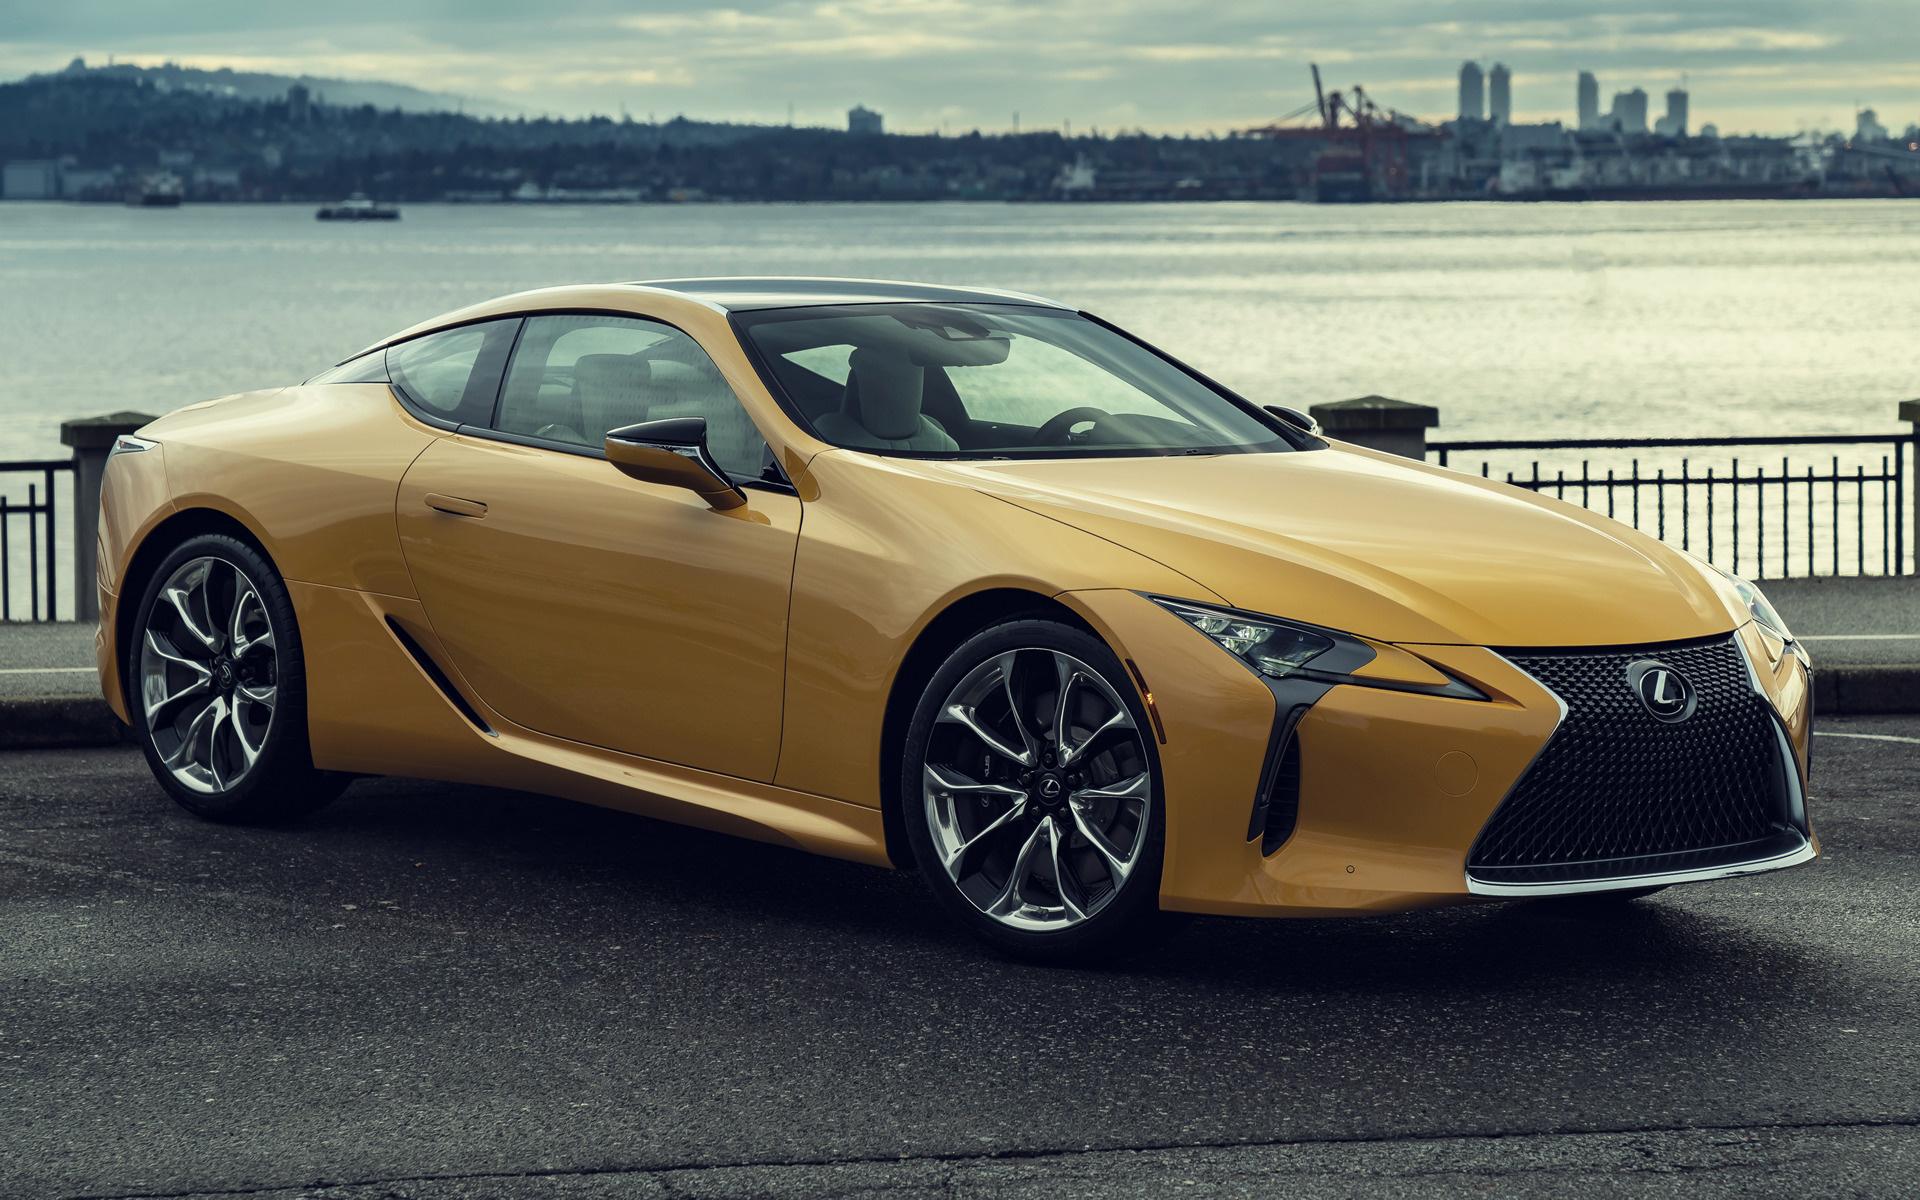 2019 Lexus Lc Inspiration Series Us Fondos De Pantalla E